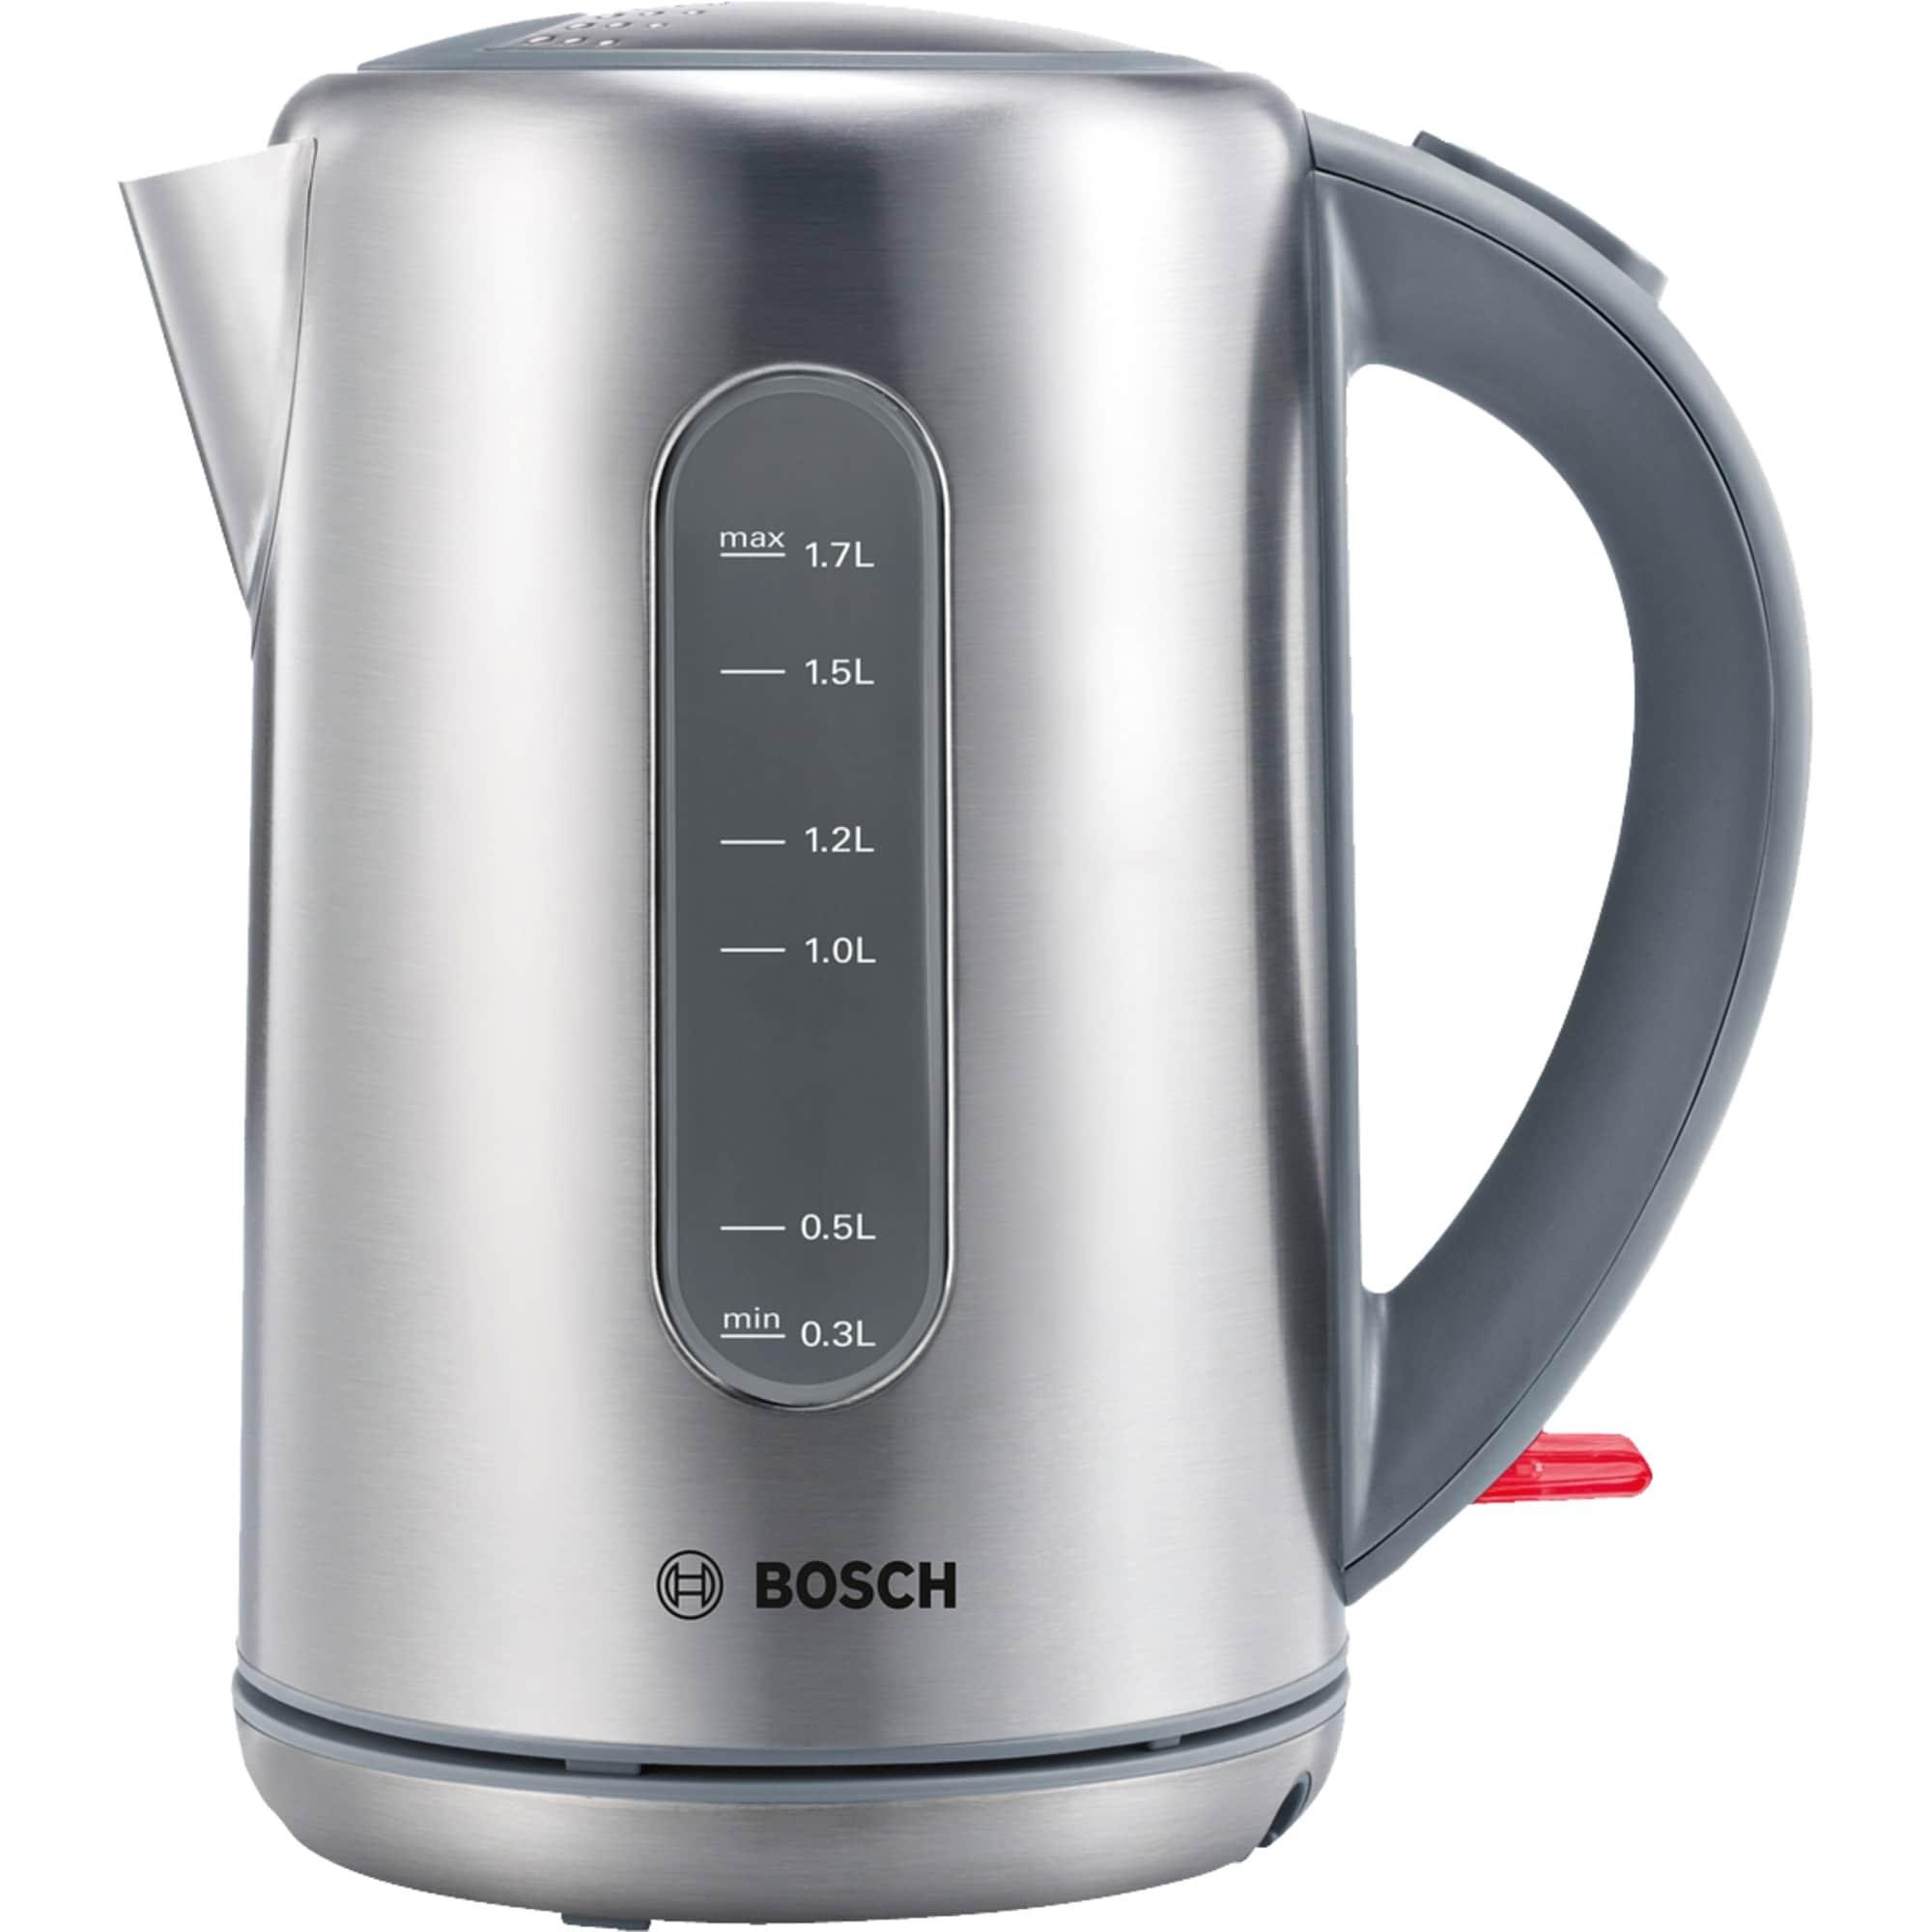 Bosch Wasserkocher TWK7901